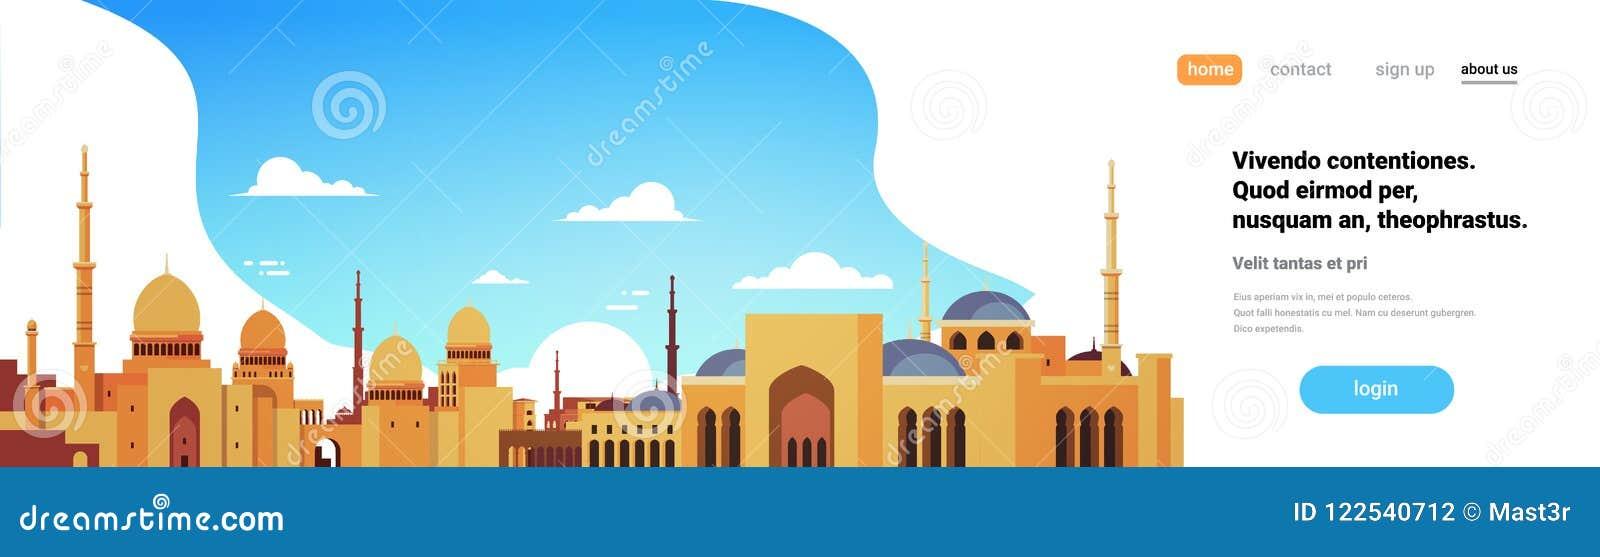 Utrymme för kopia för baner för muslimsk för cityscapemoskébyggnad lägenhet för religion horisontal